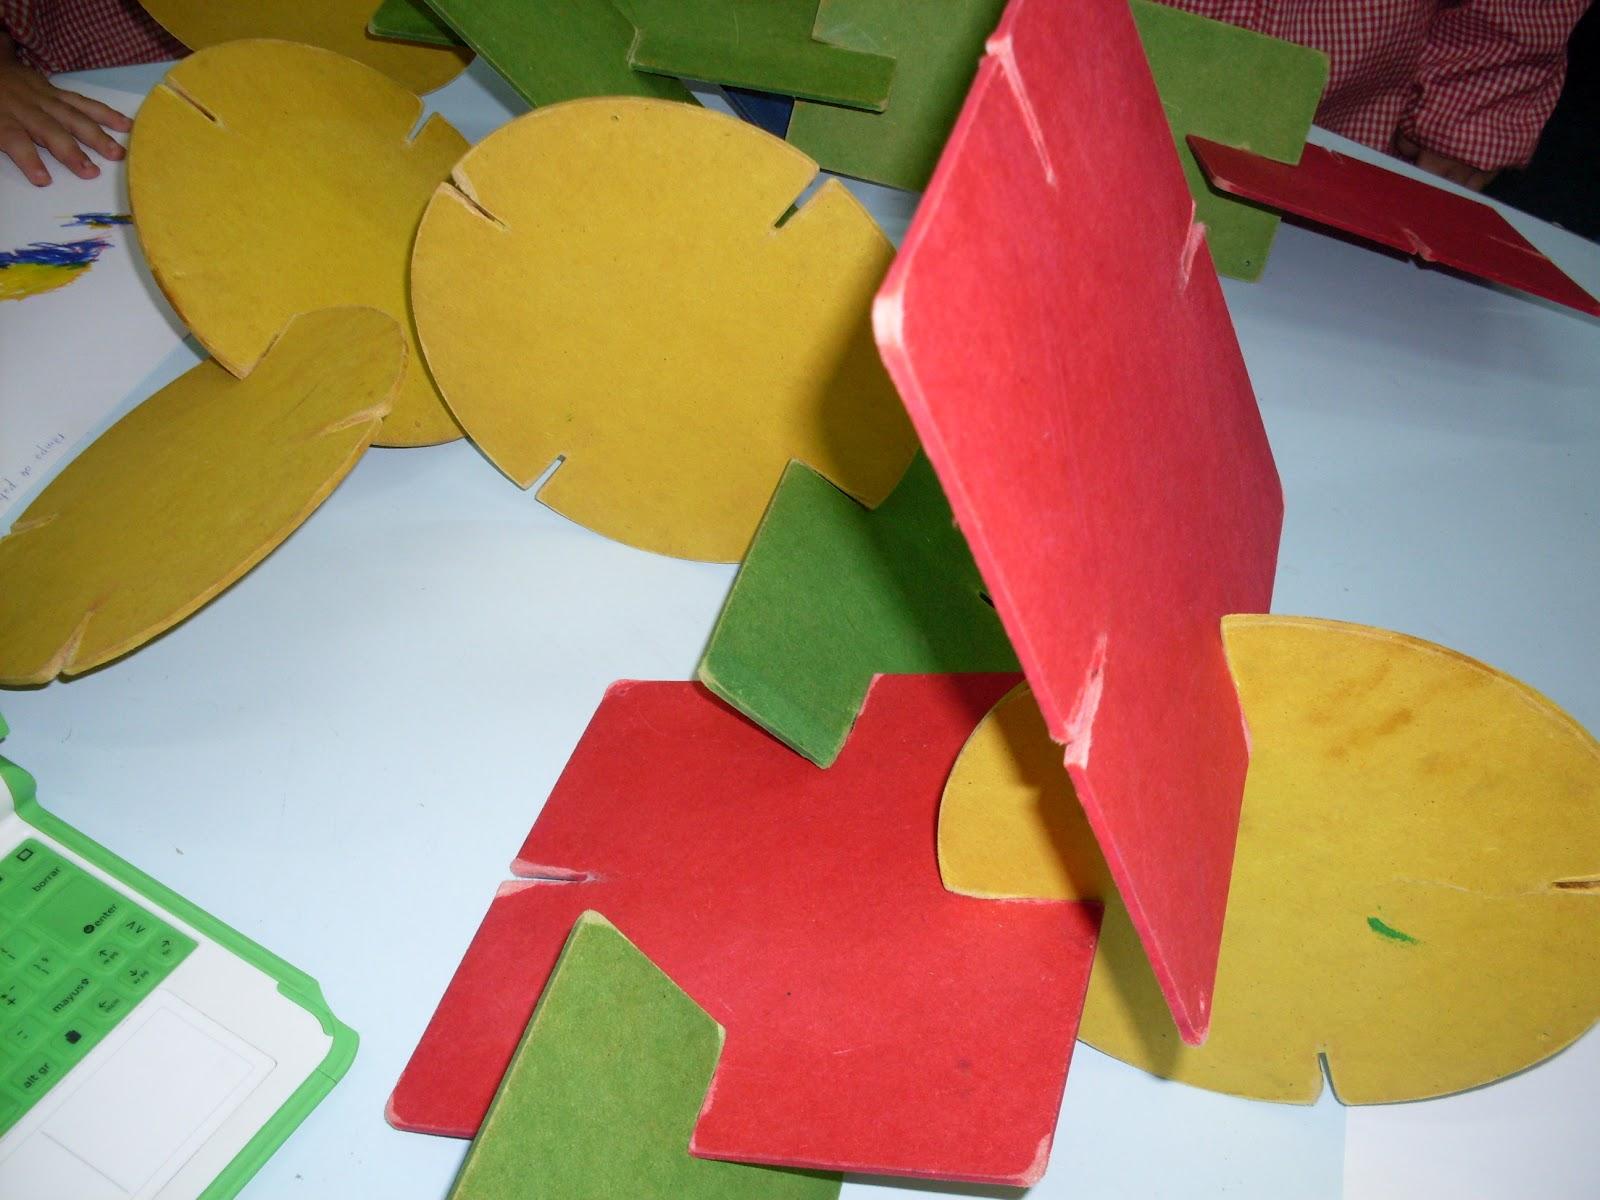 Jardin de infantes 234 el juego en el espacio y el plano for Jardin de infantes